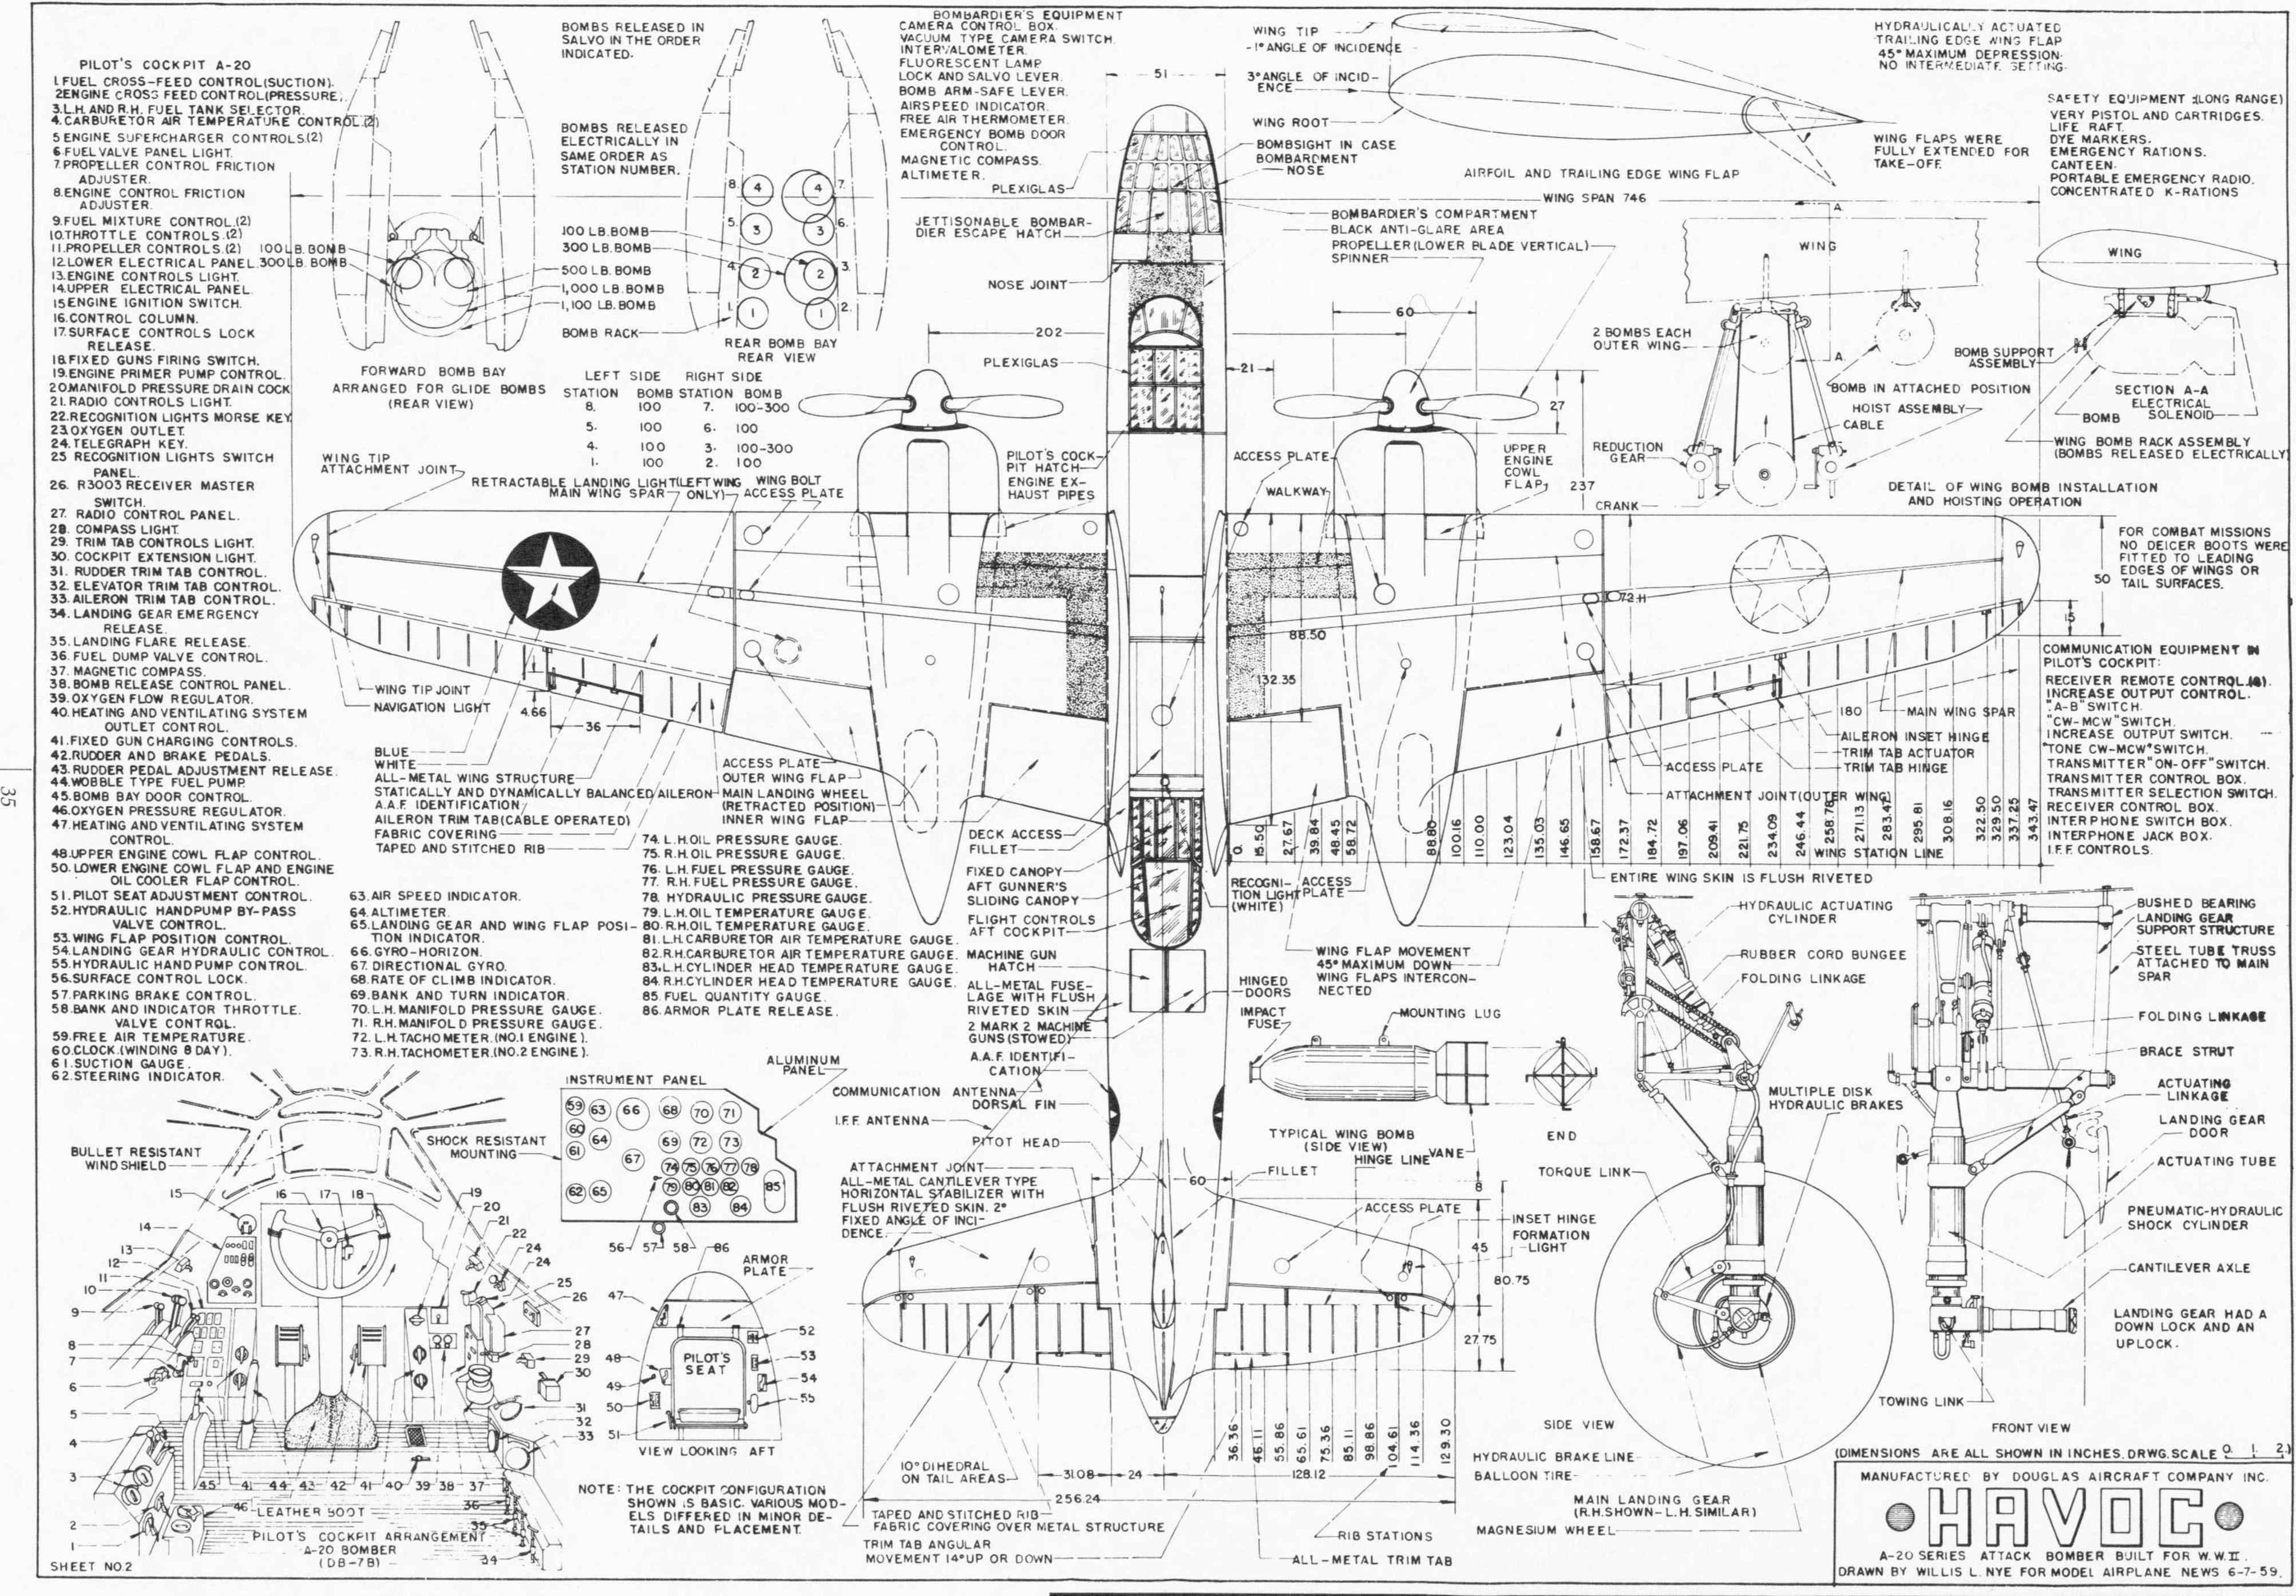 Aircraft Engineering Image Drawing